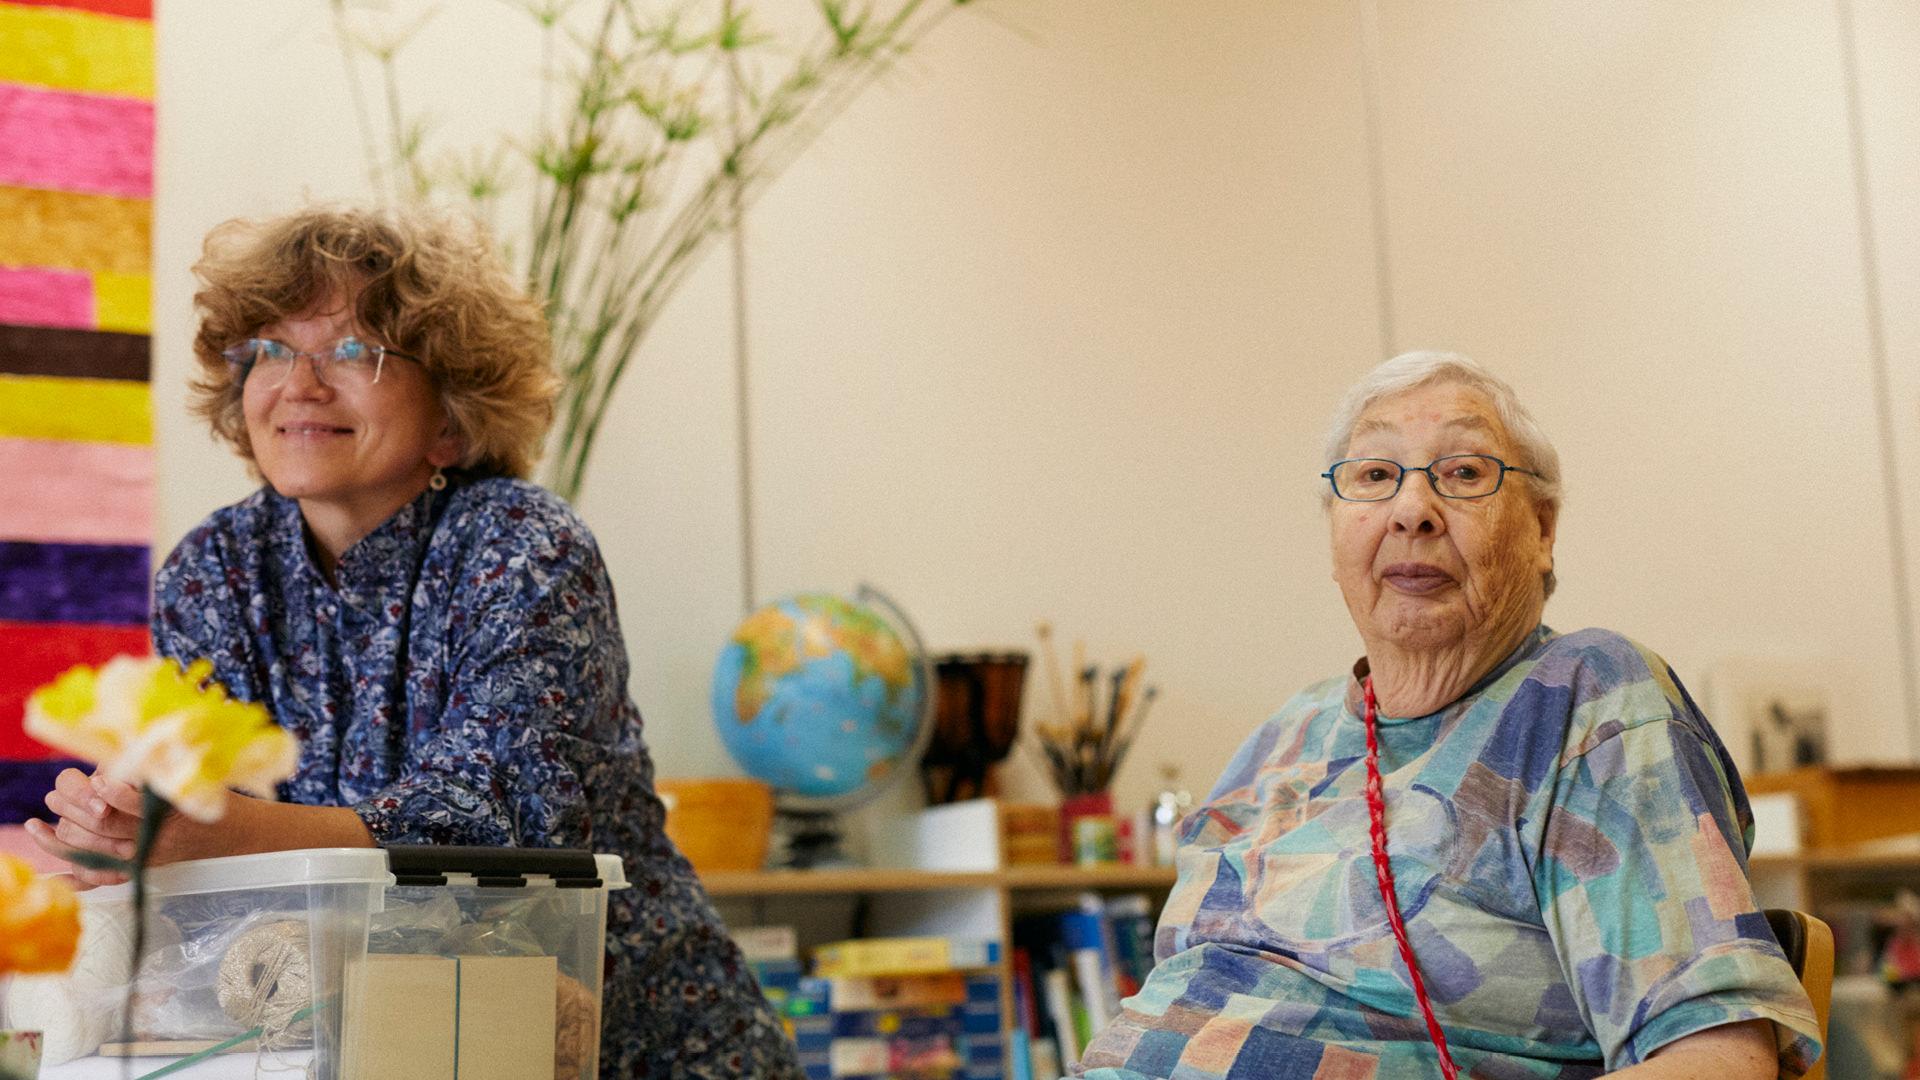 Leiterin vom Seniorenatelier mit einer Bewohnerin der Martin Stiftung. Sie schauen neugierig.